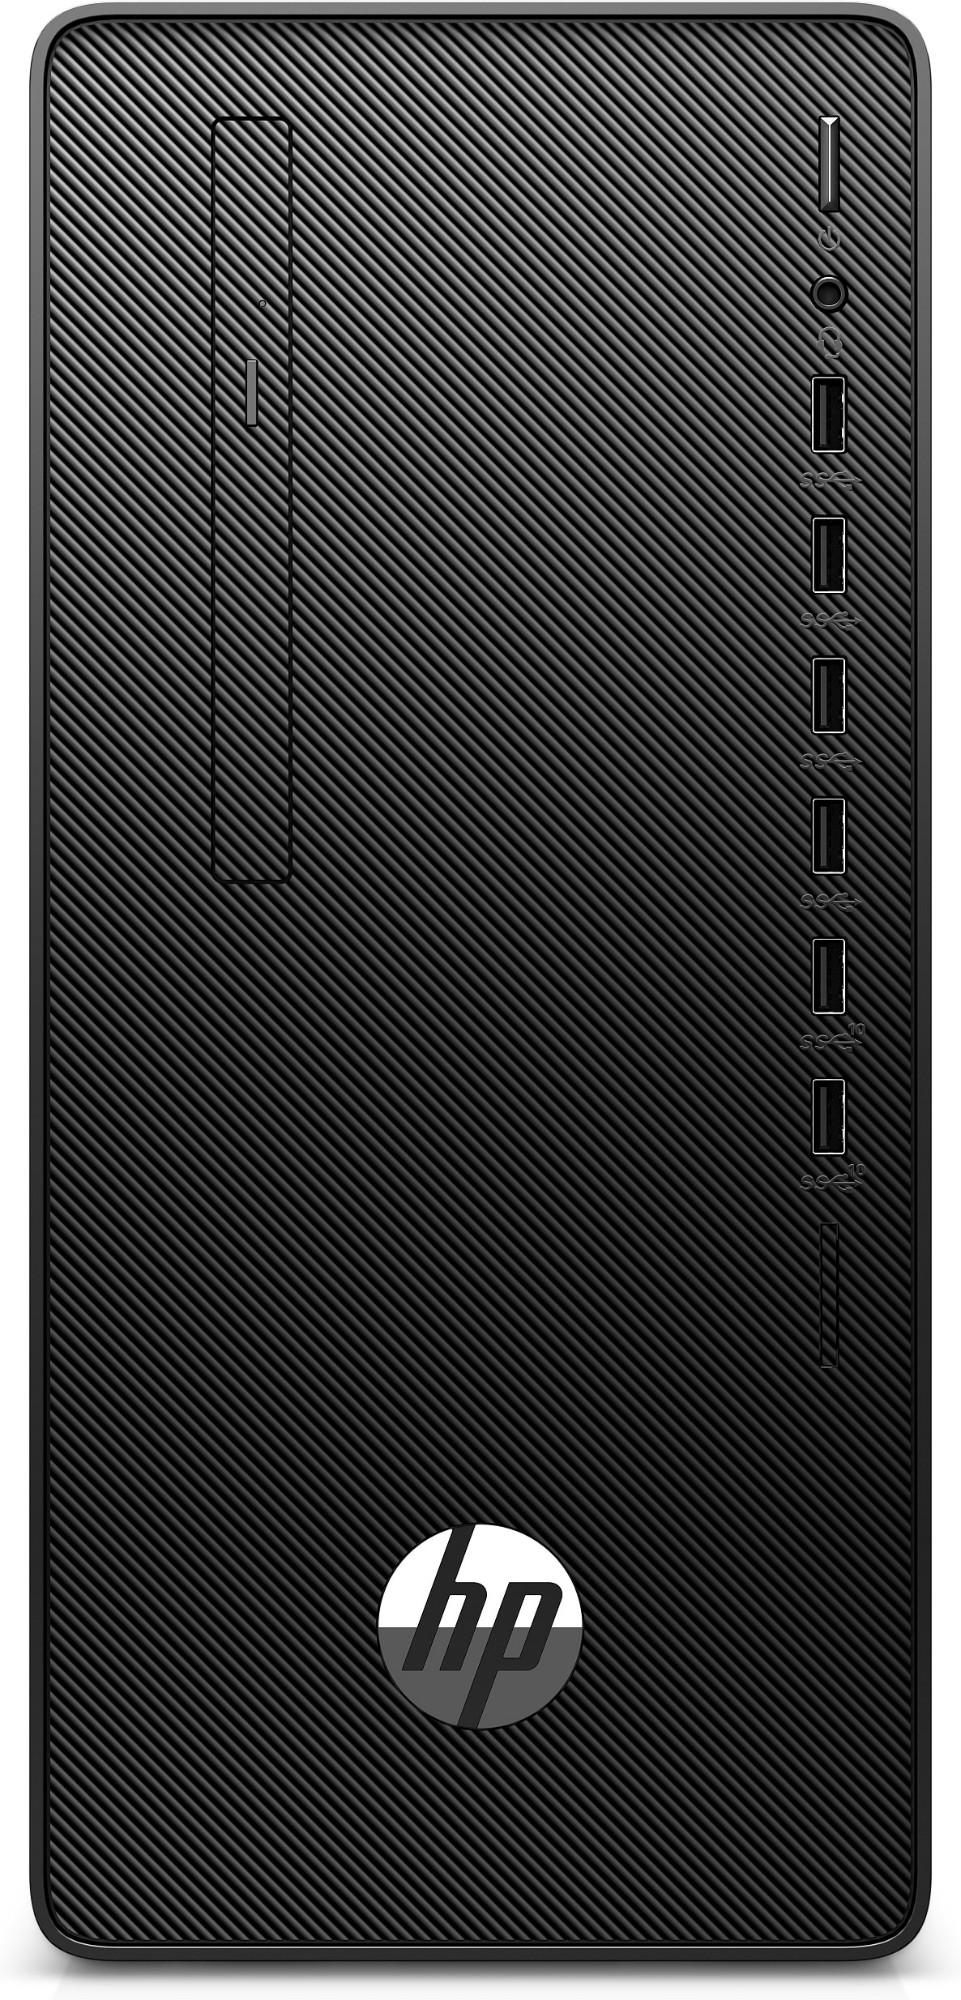 HP 290 G4 DDR4-SDRAM i5-10500 Micro Tower 10th gen Intel-� Core��� i5 8 GB 256 GB SSD Windows 10 Pro PC Black